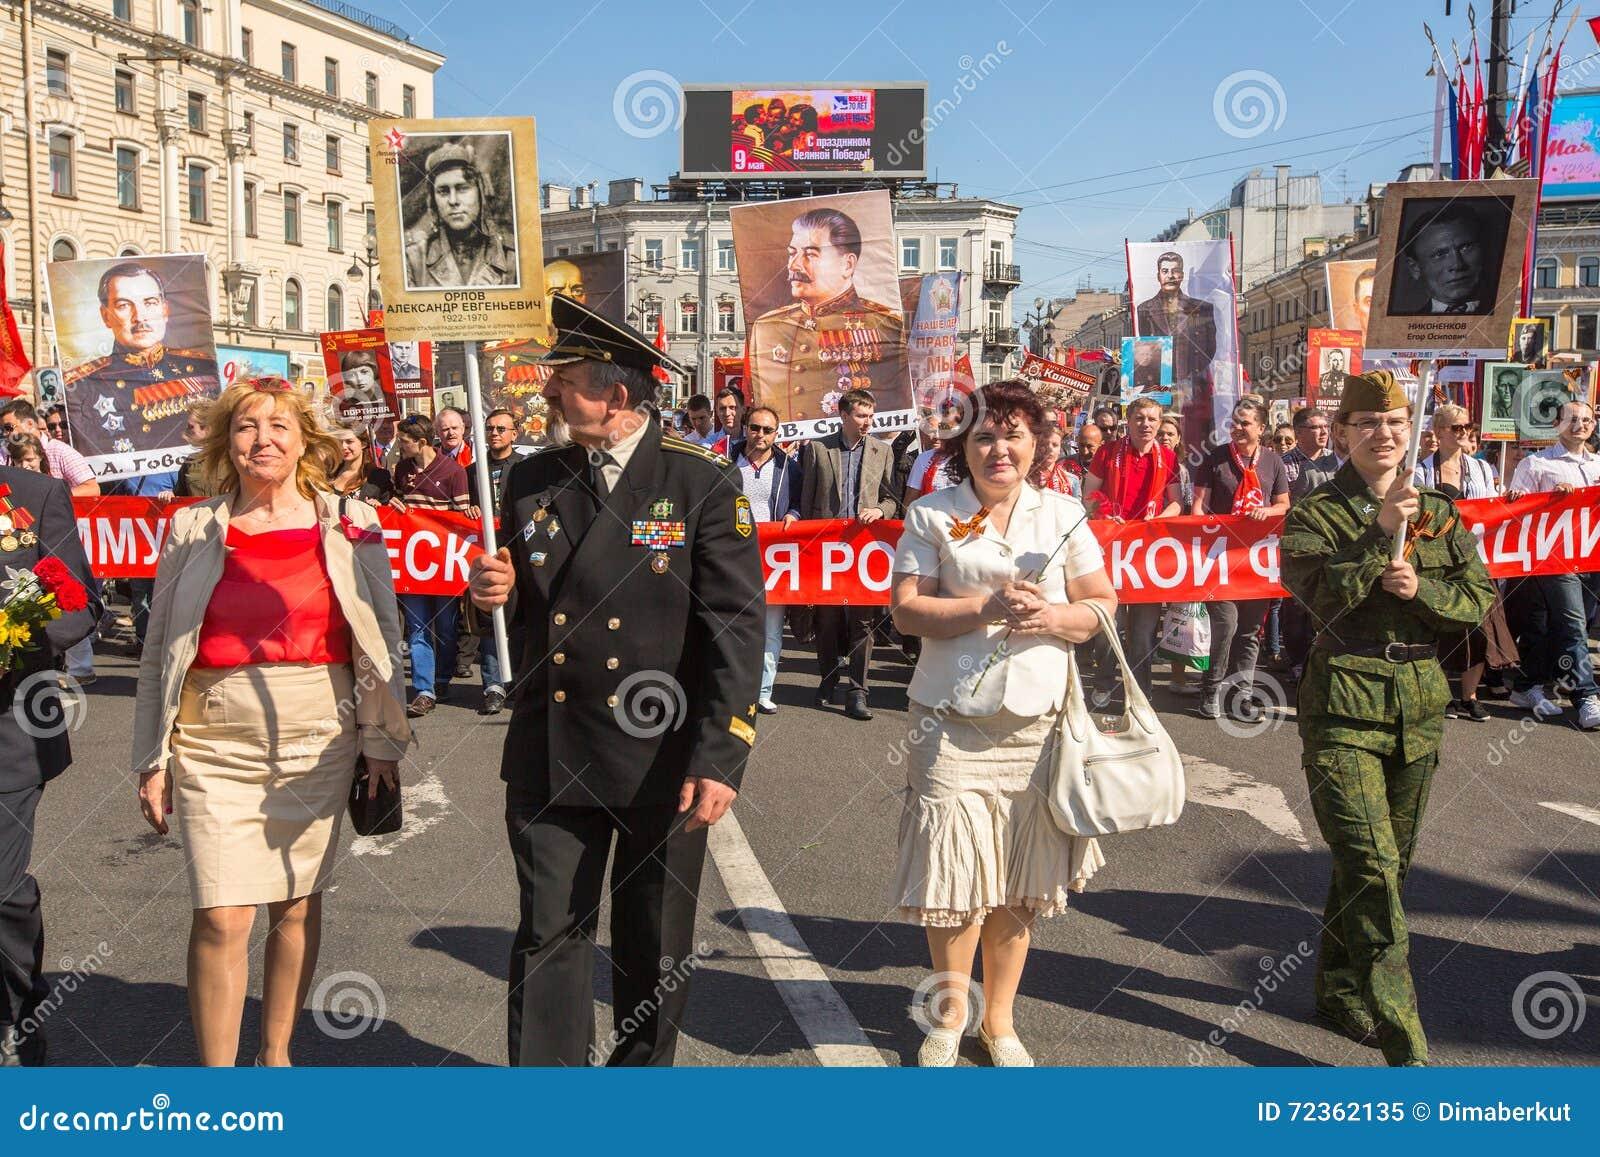 不朽的军团-国际公开行动的参加者,在俄罗斯和某些国家近发生